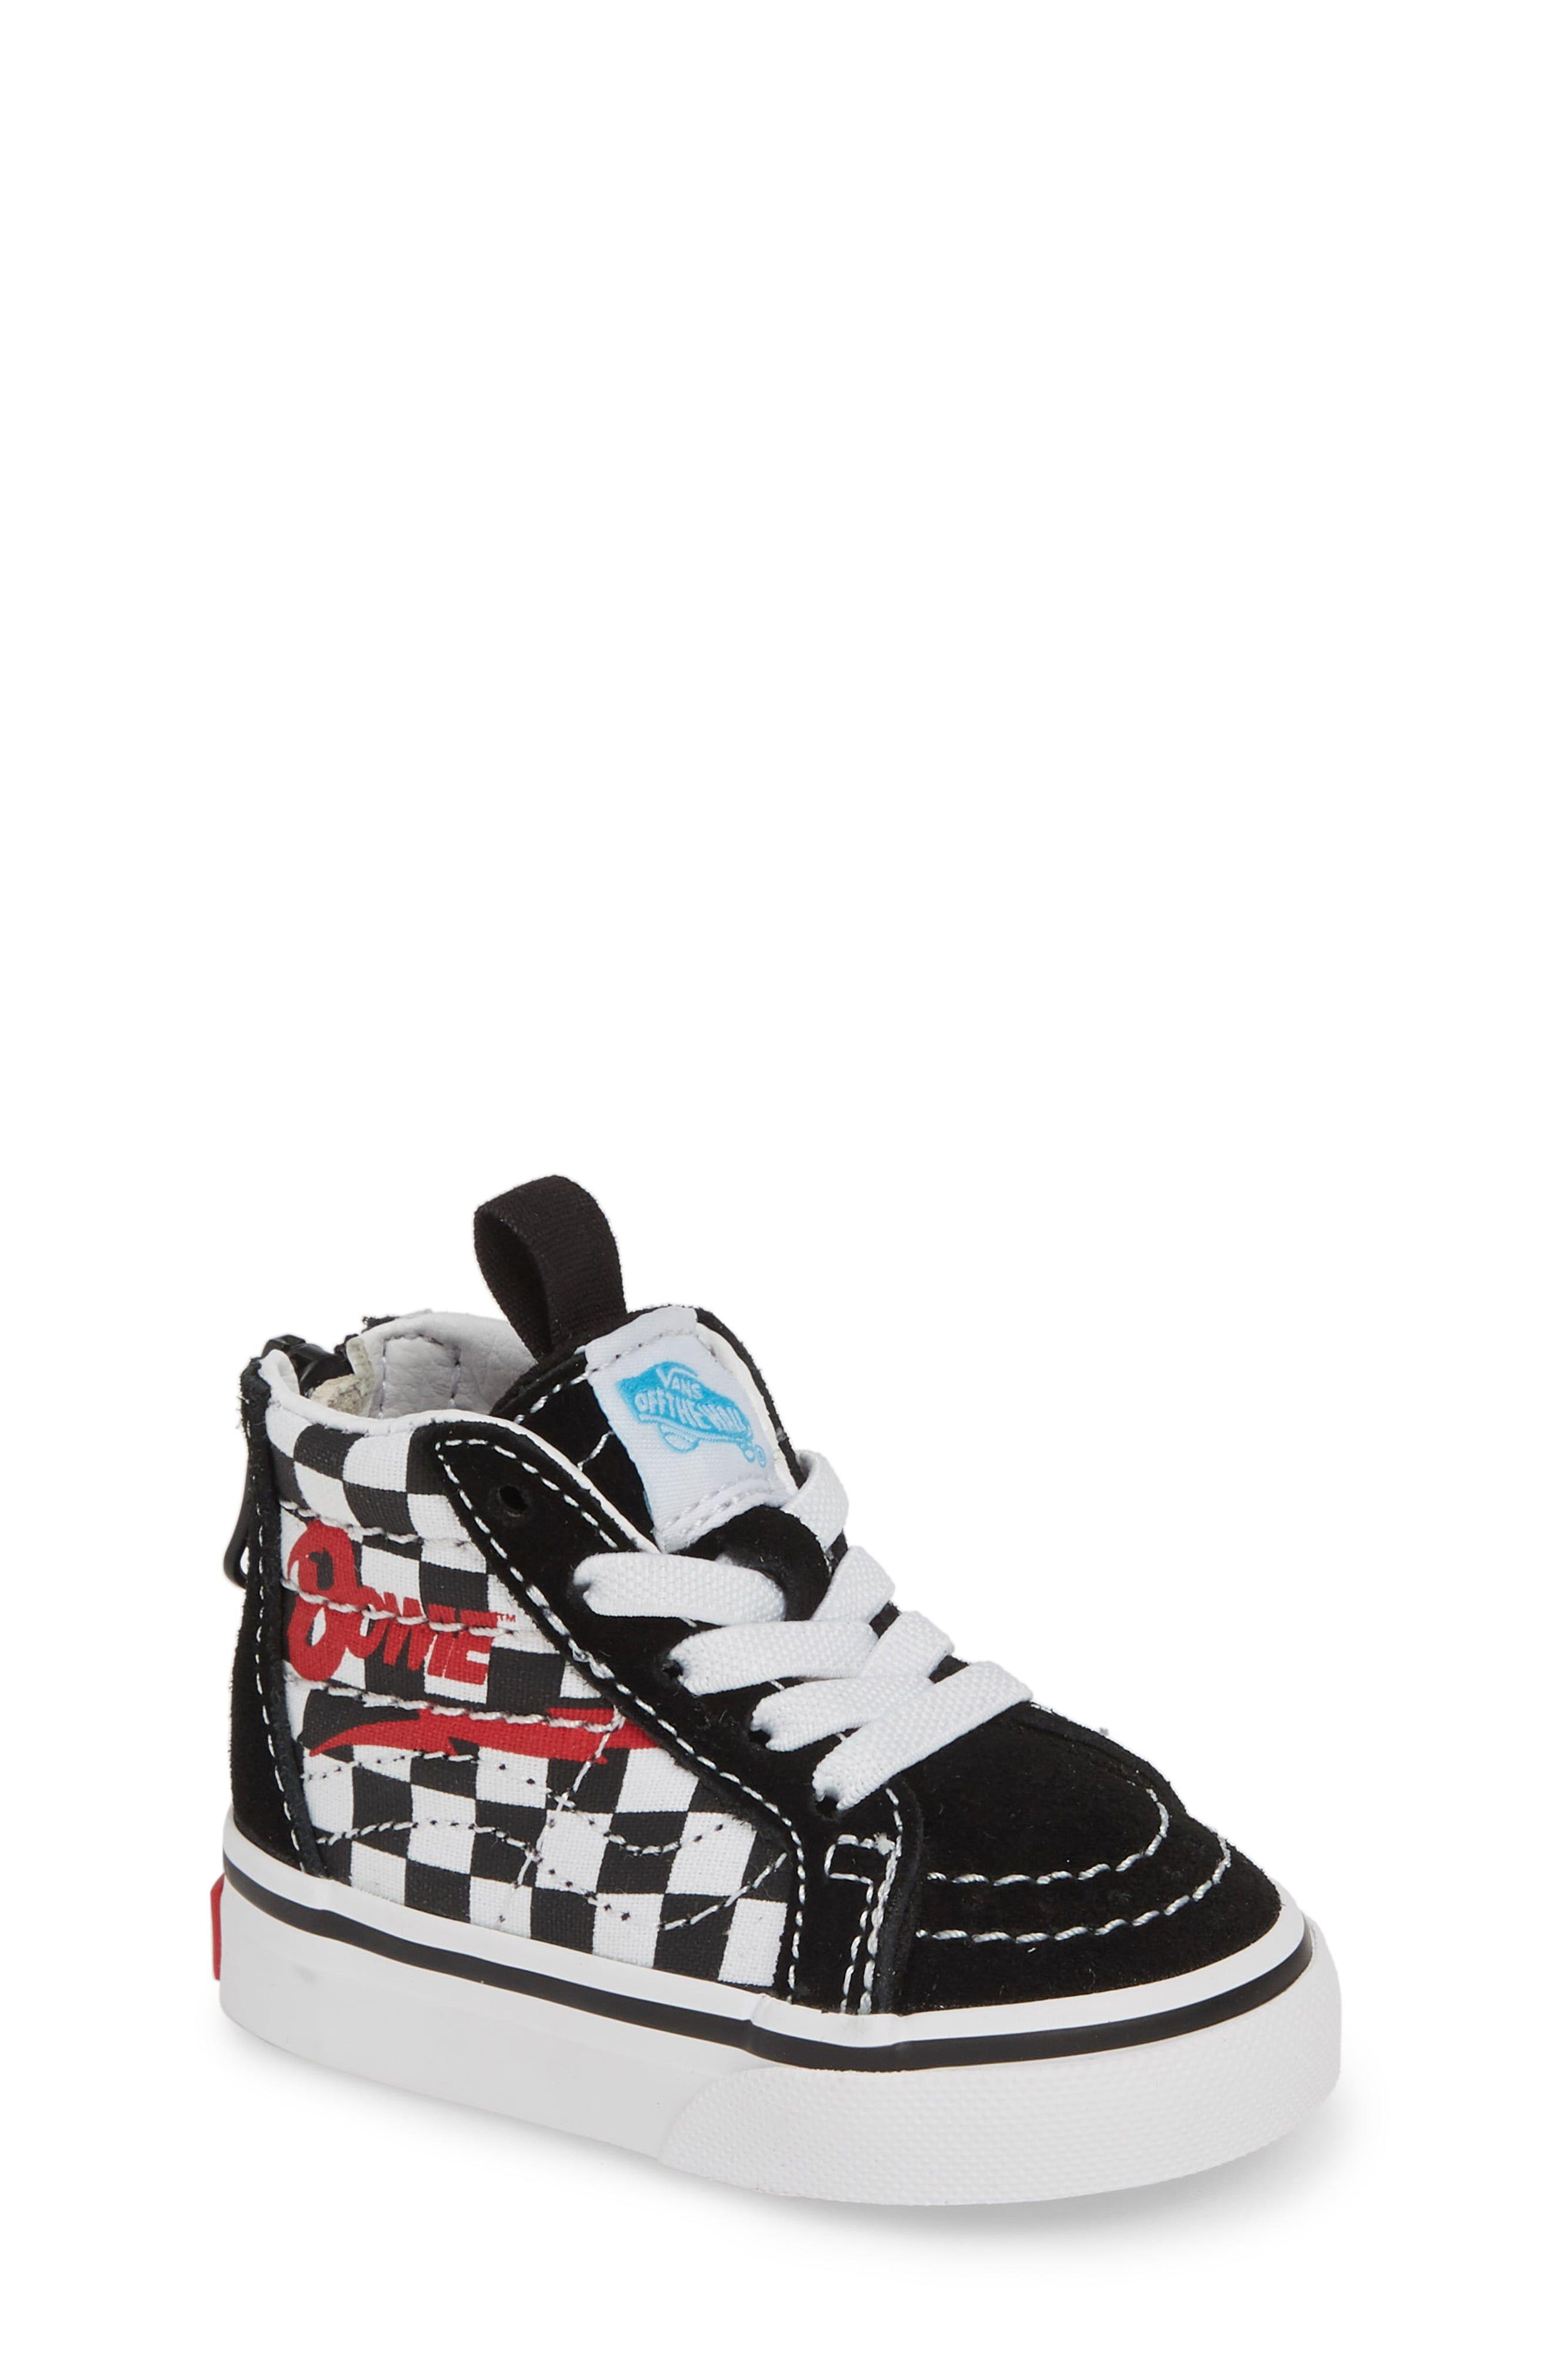 Vans x David Bowie Sk8 Hi Zip Sneaker in 2019   Products